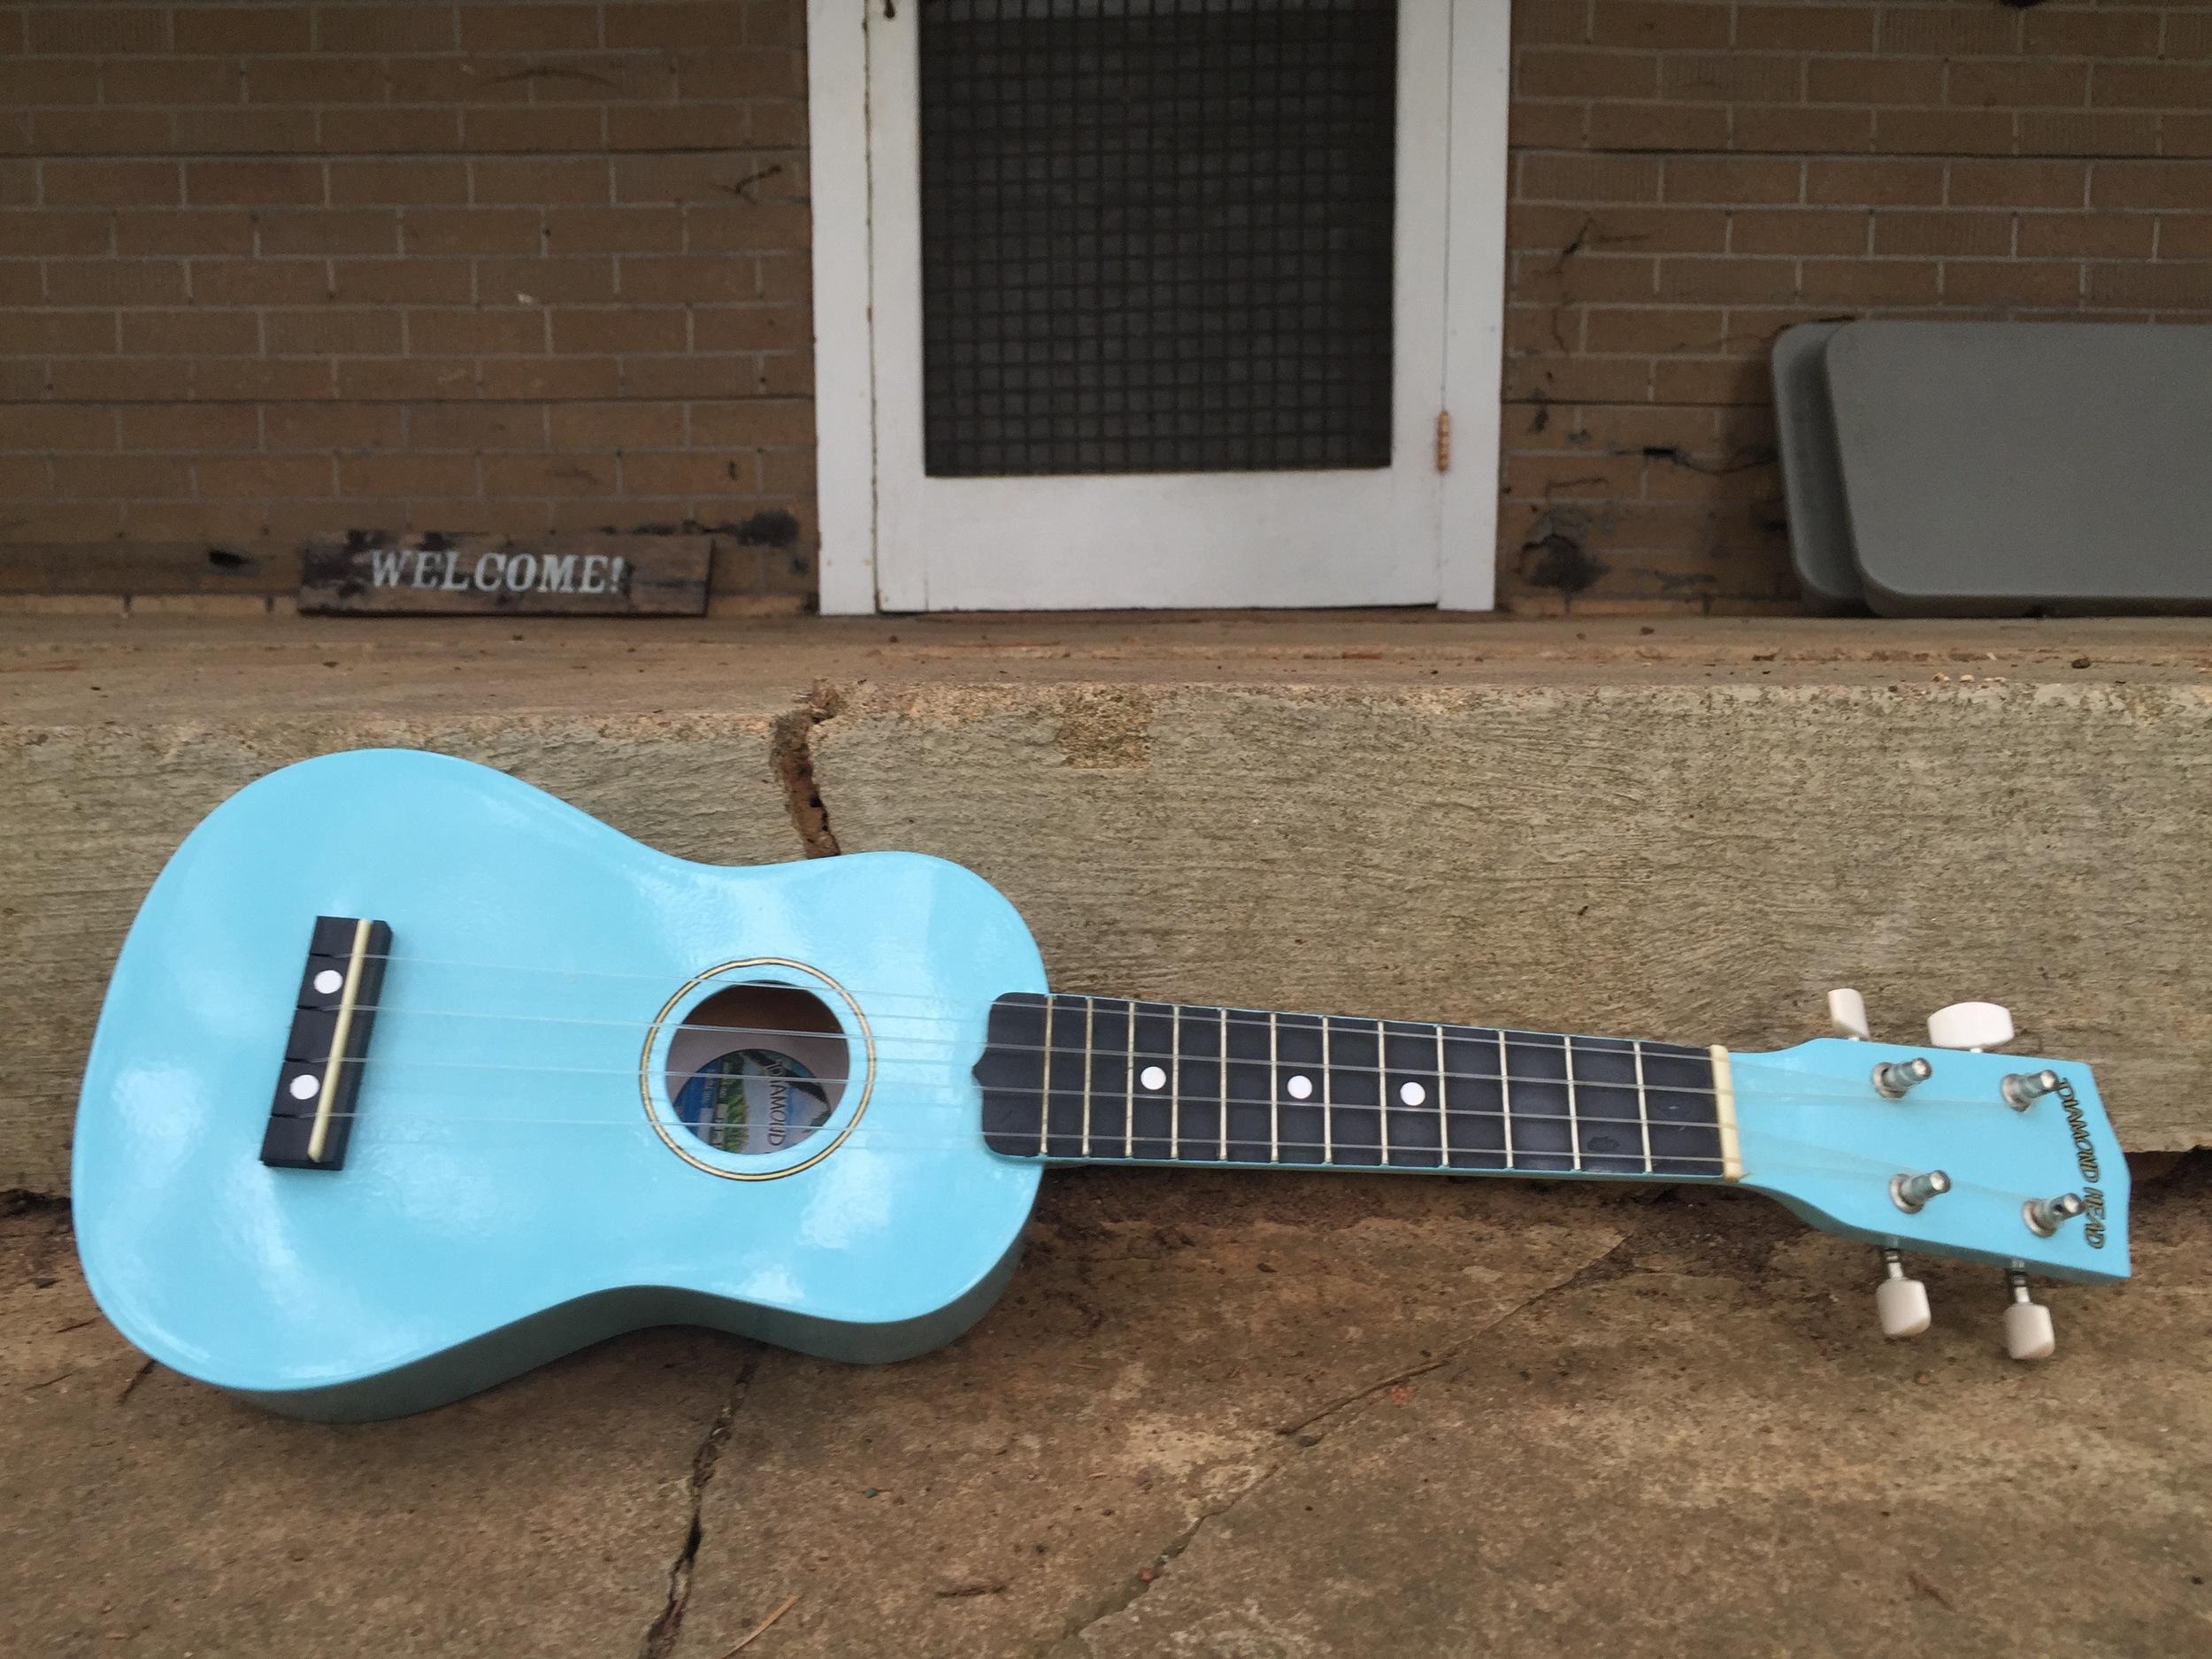 My blue uke. Original image taken by David Wilder.